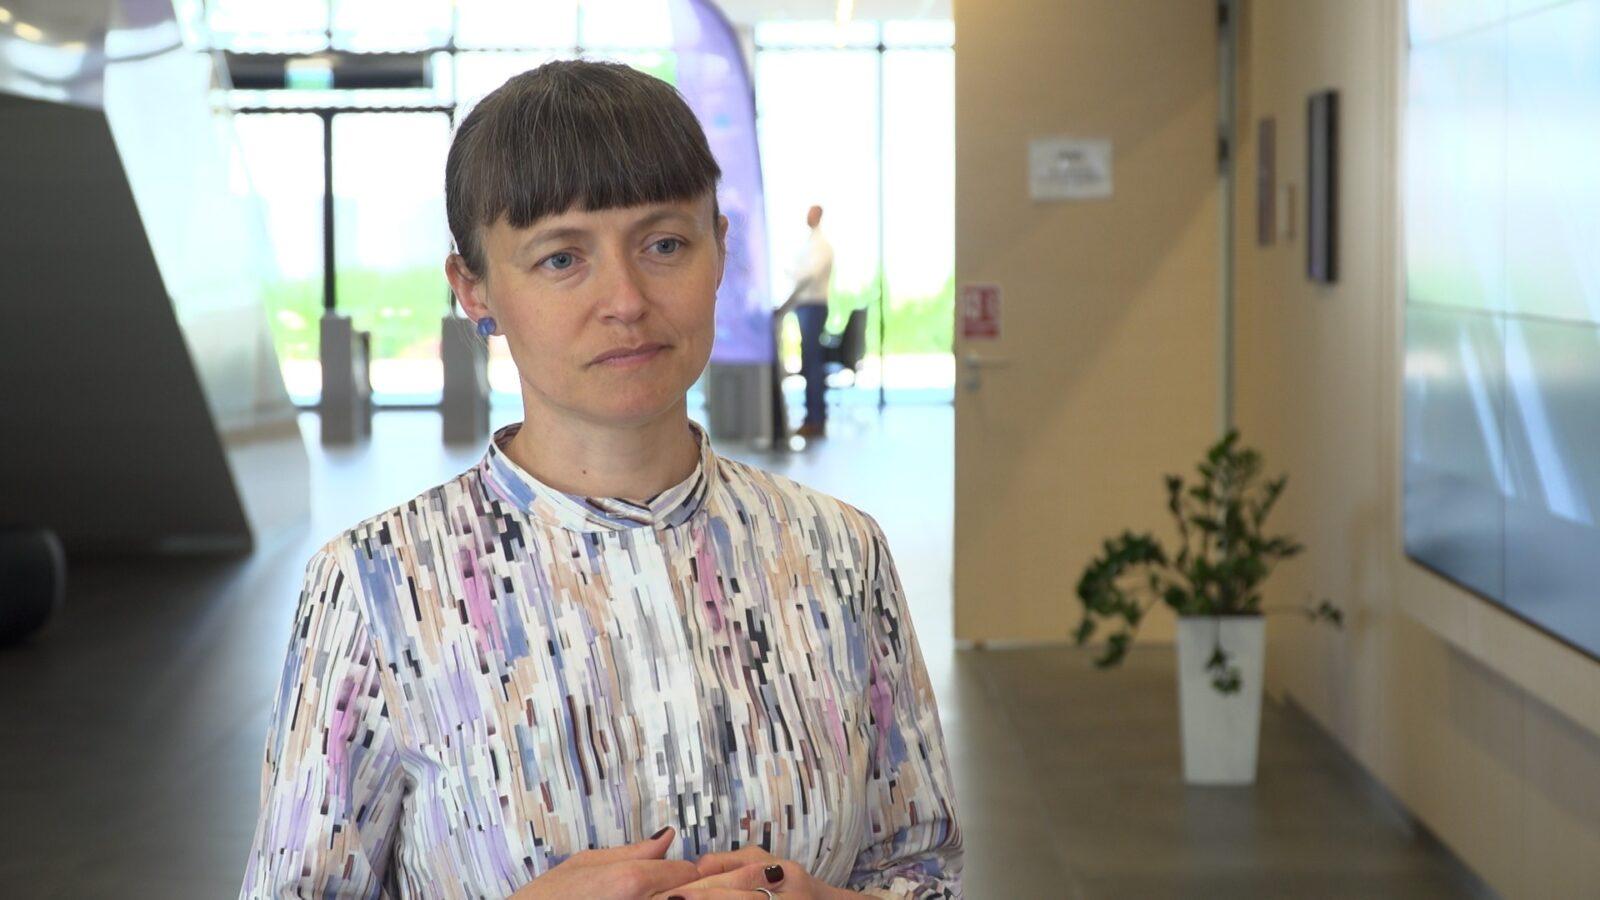 Polskie start-upy oczekują większej pomocy od państwa. Rząd chce je wspierać poprzez rozszerzenie tzw. estońskiego CIT-u